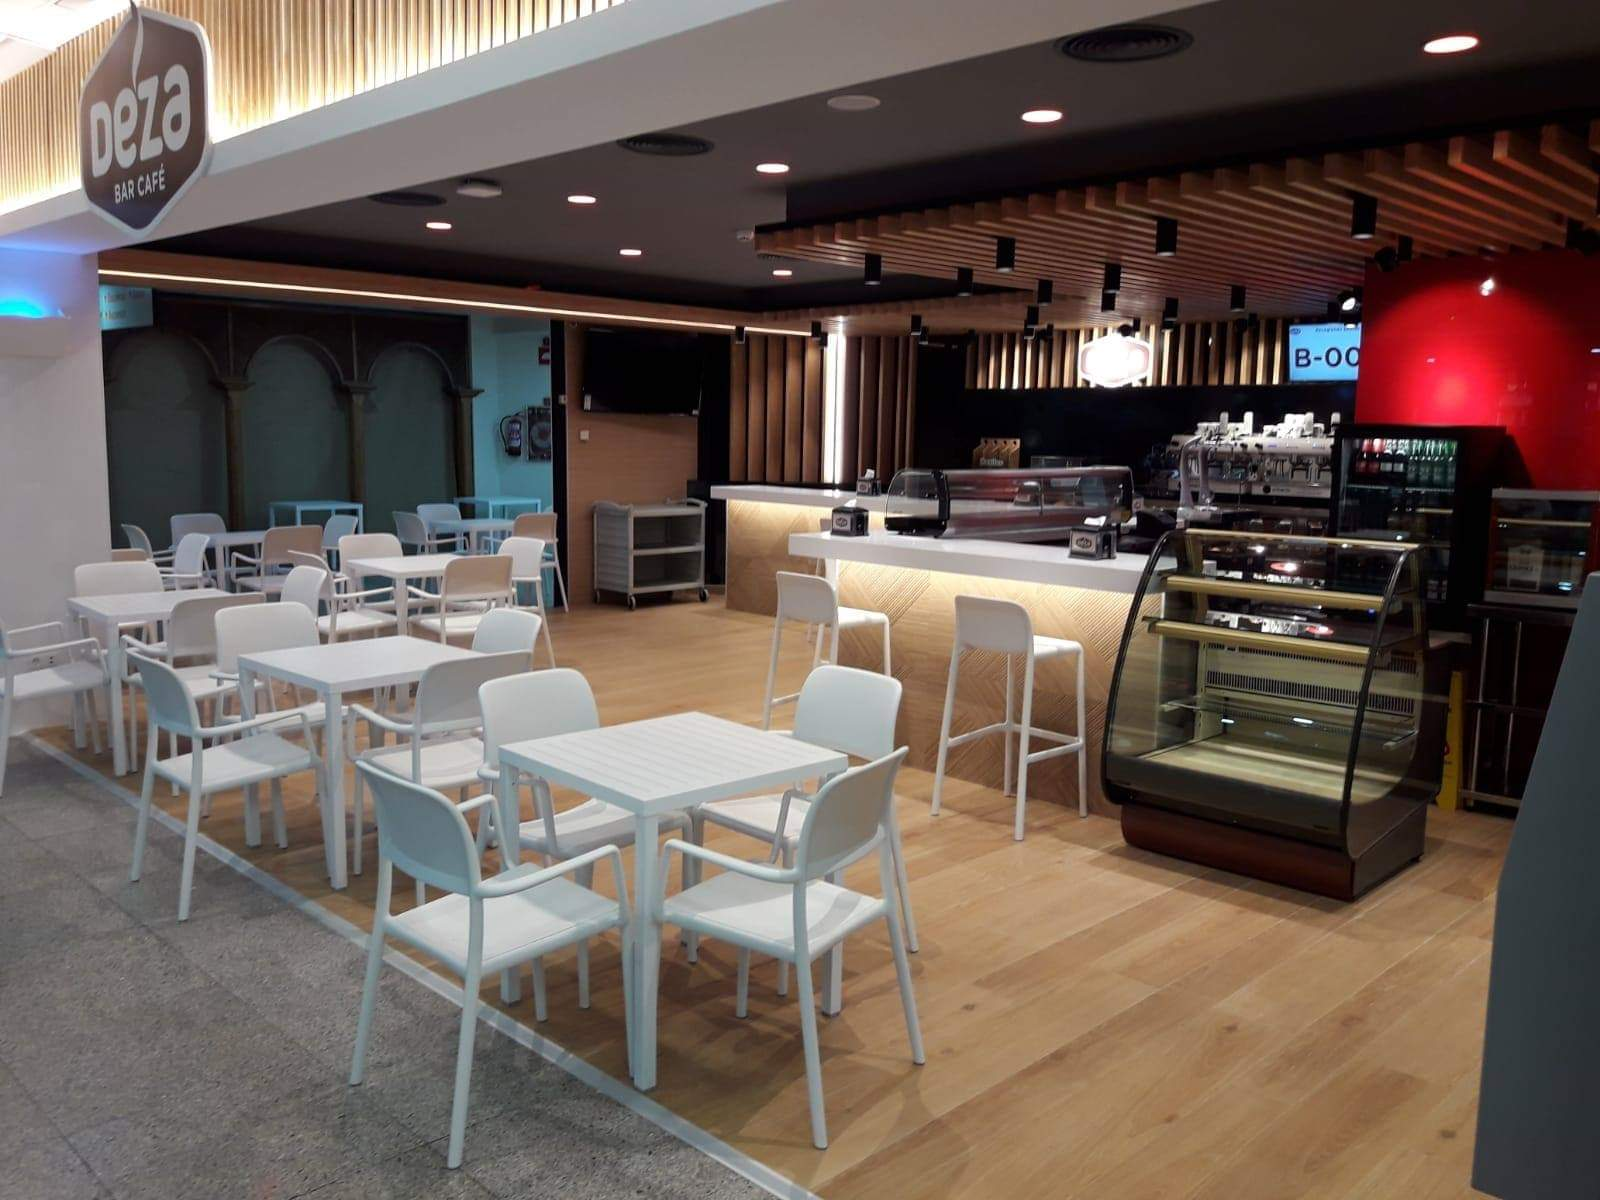 Interior de cafetería zoco 2